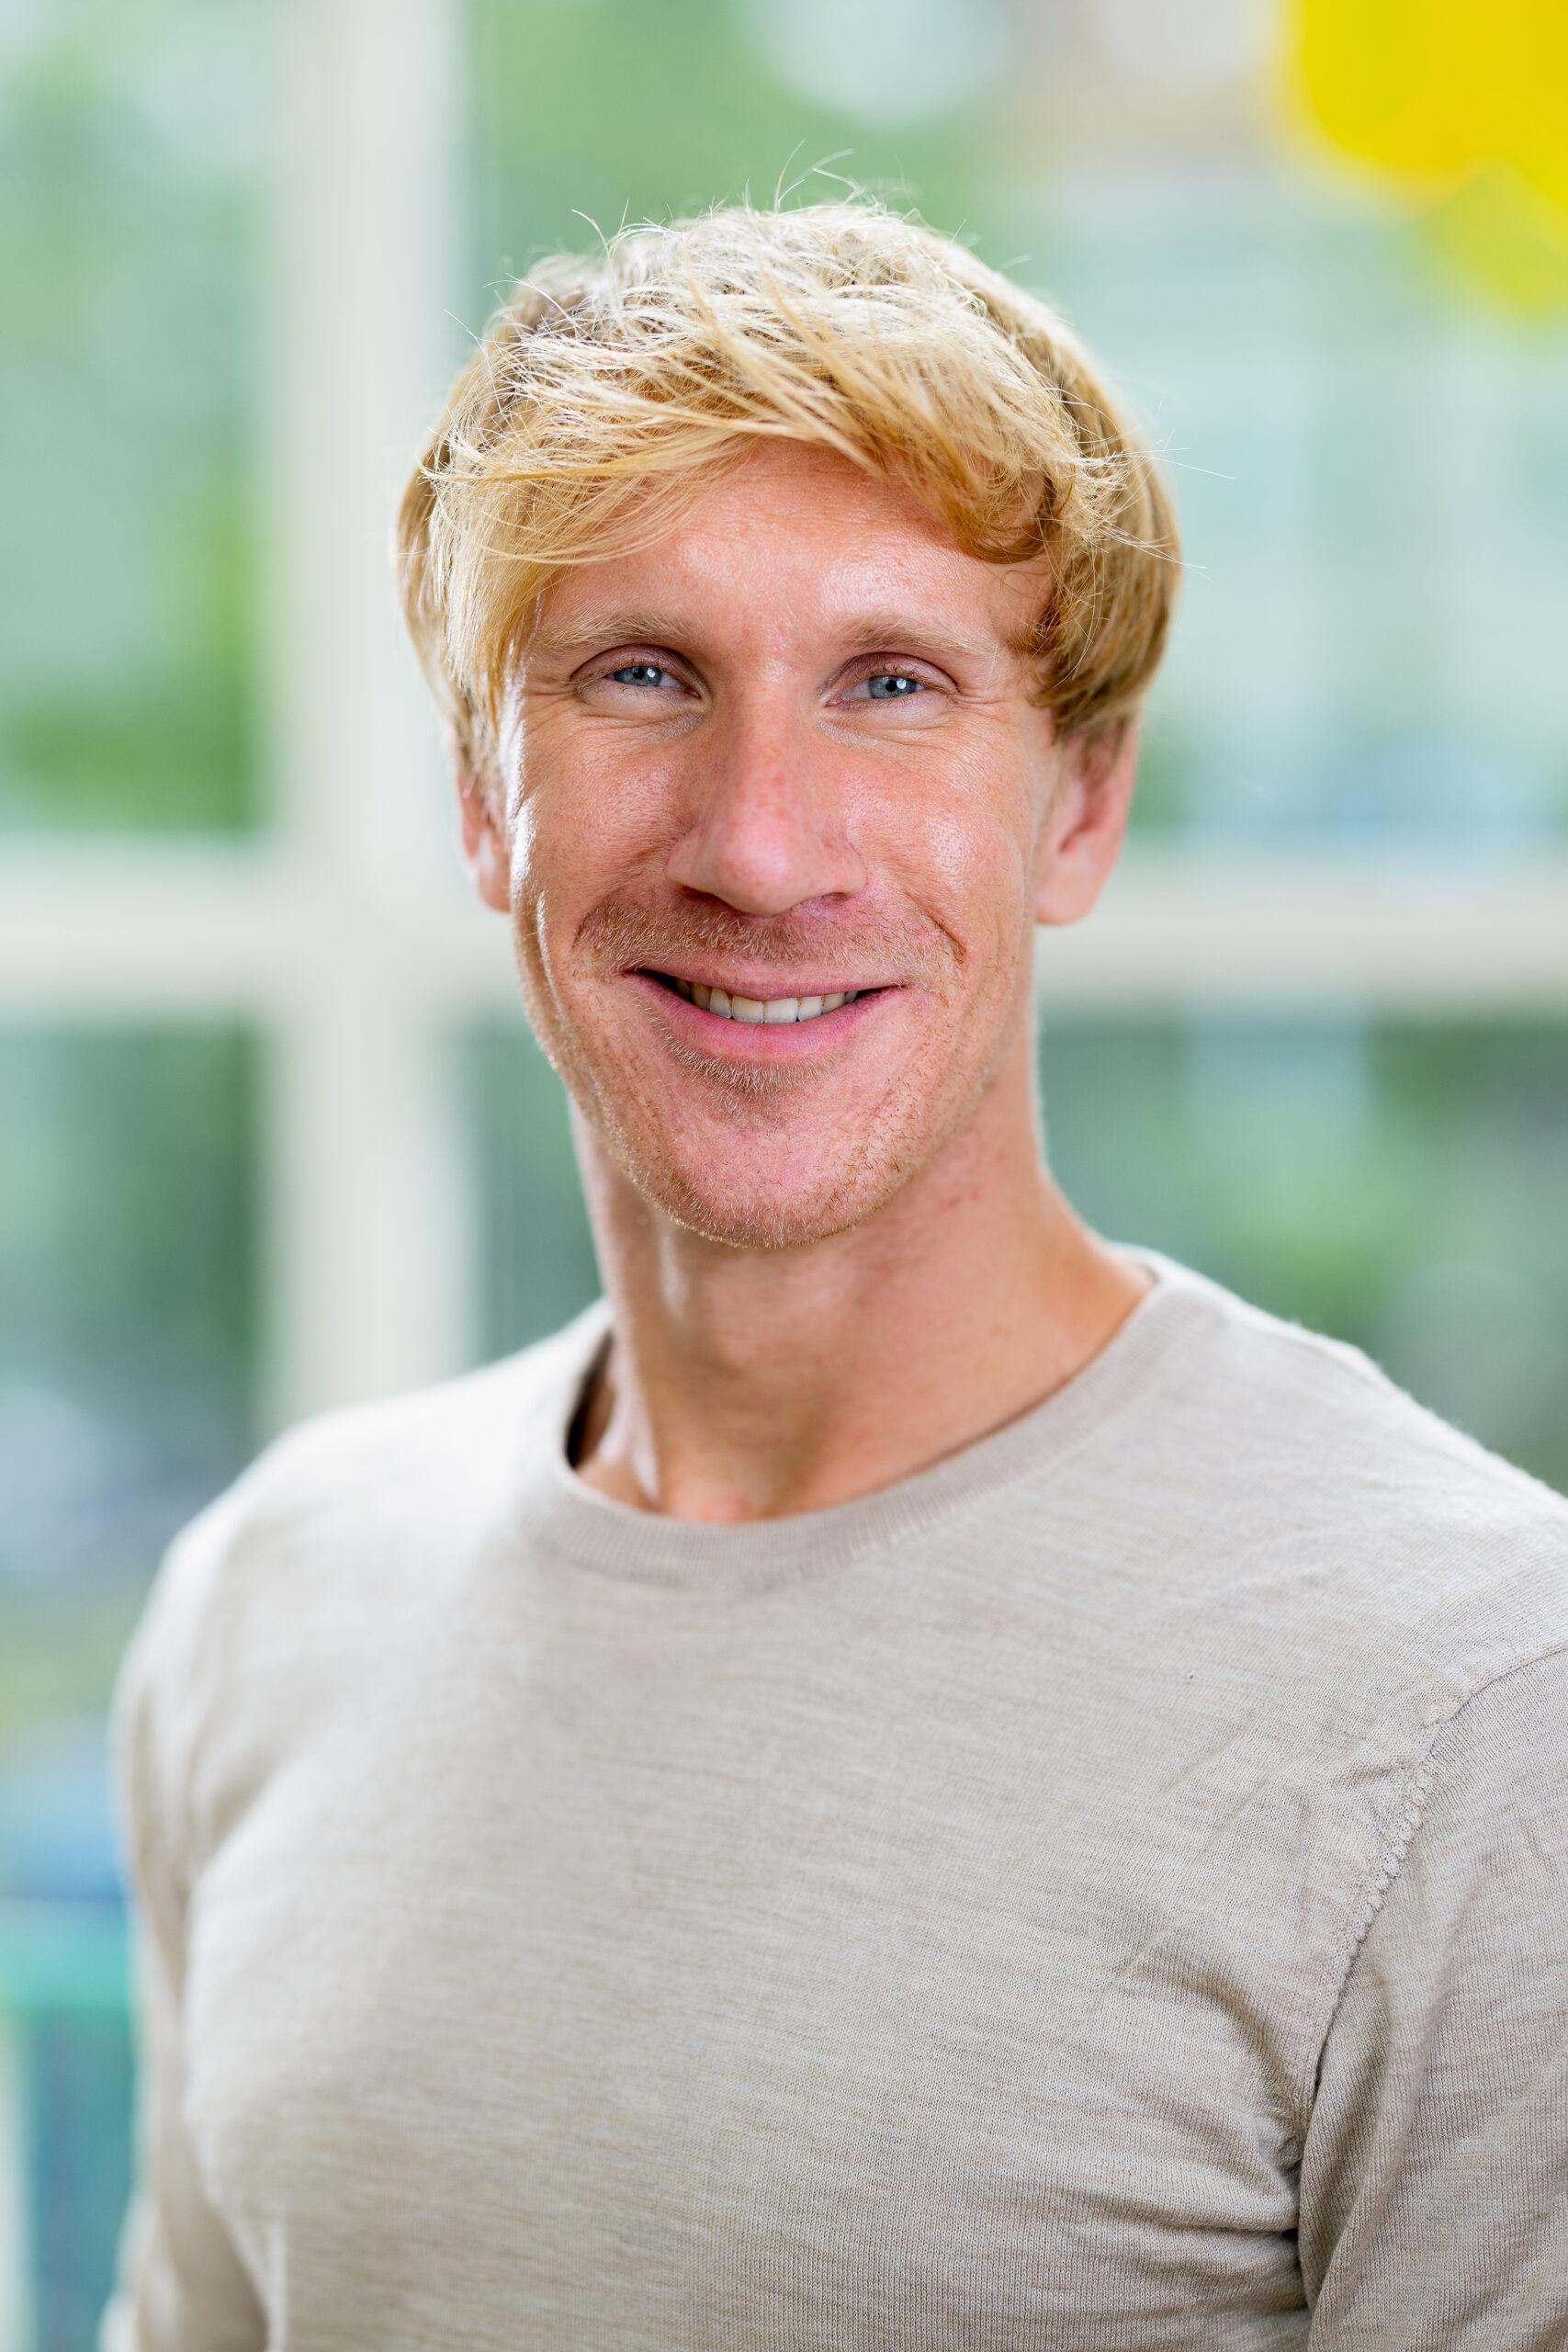 Alexander Sørensen medarbejder i Dansk Center for Hjernerystelse